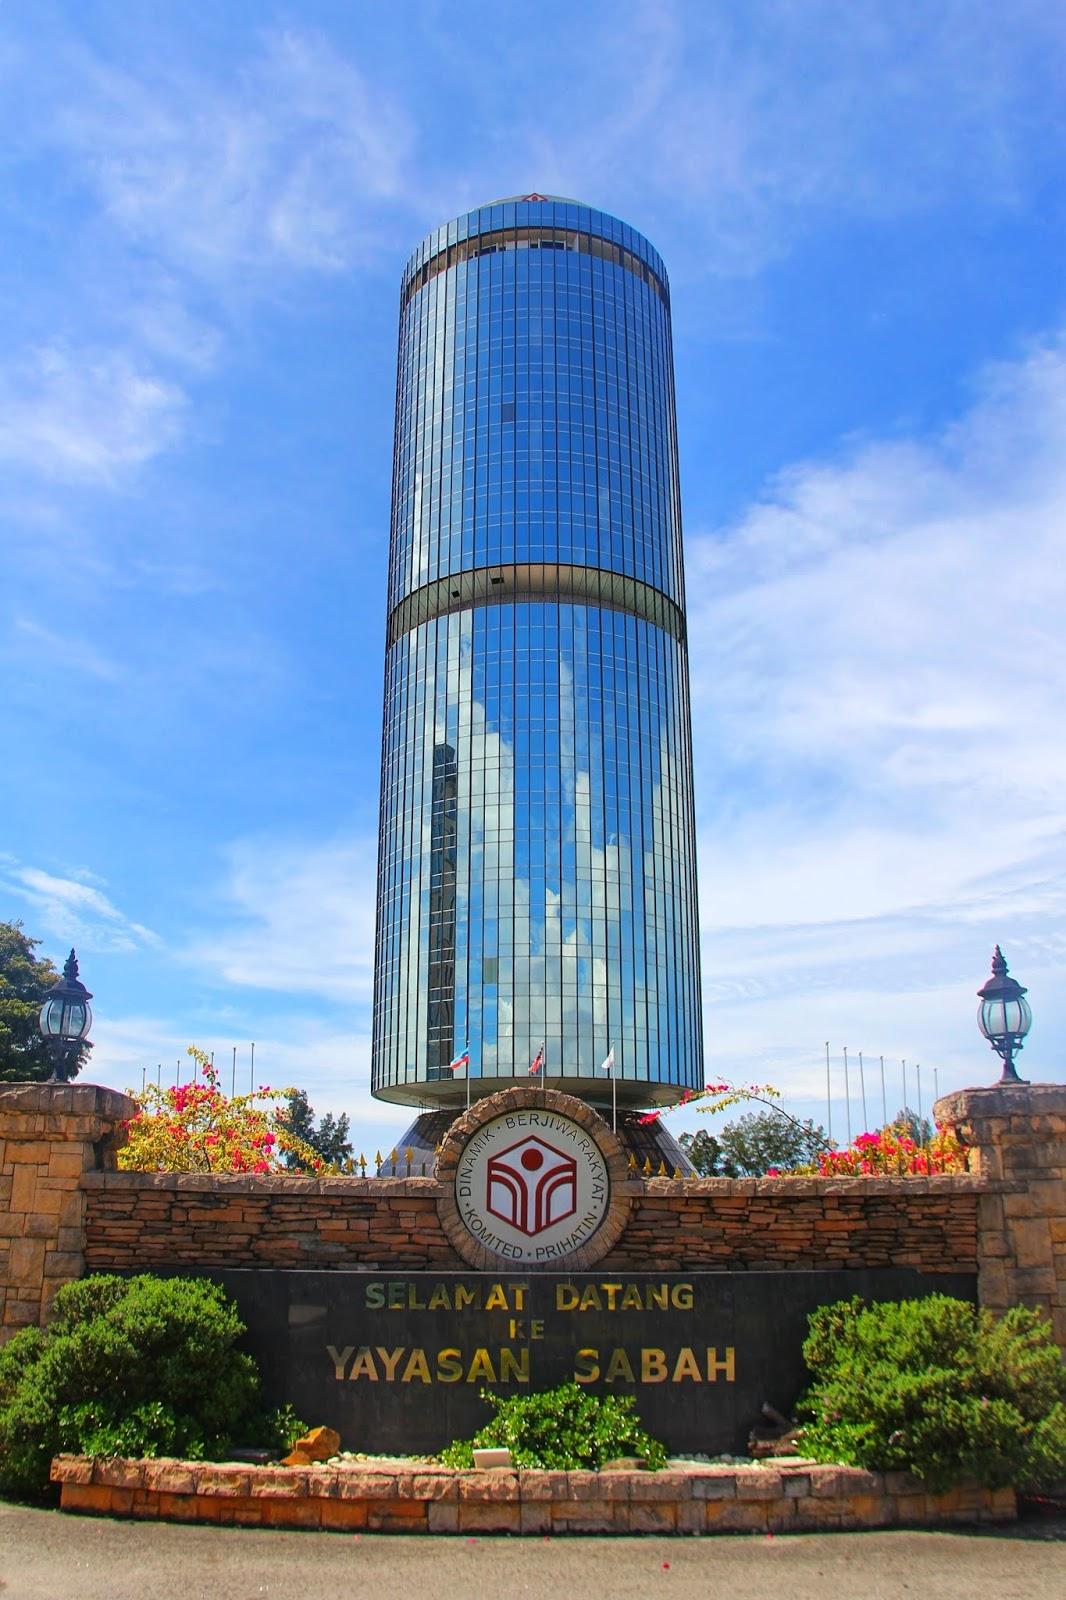 Bangunan Yayasan Sabah